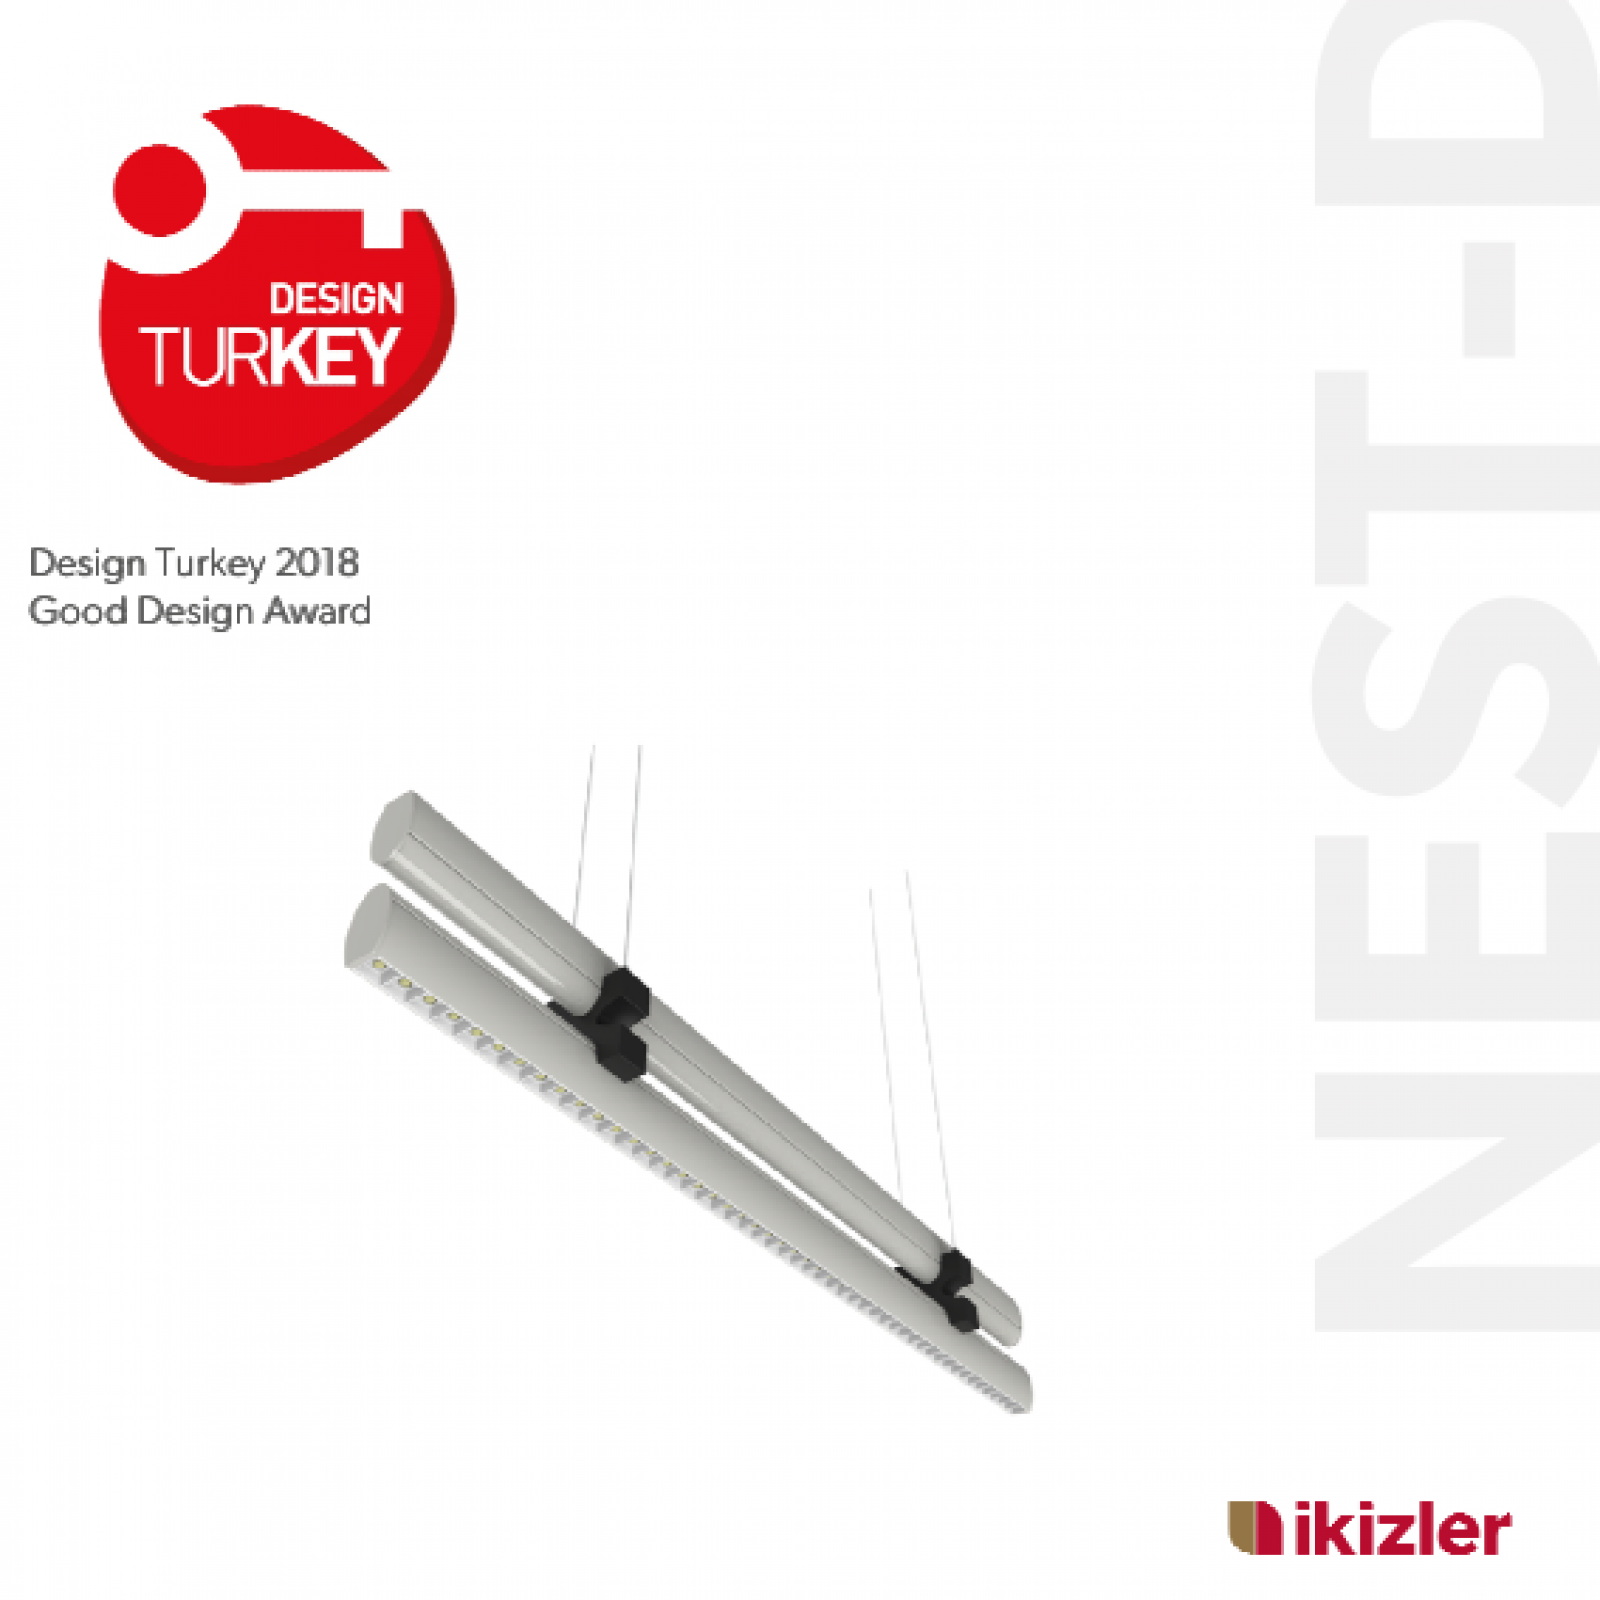 Design Turkey Good Design - 2018